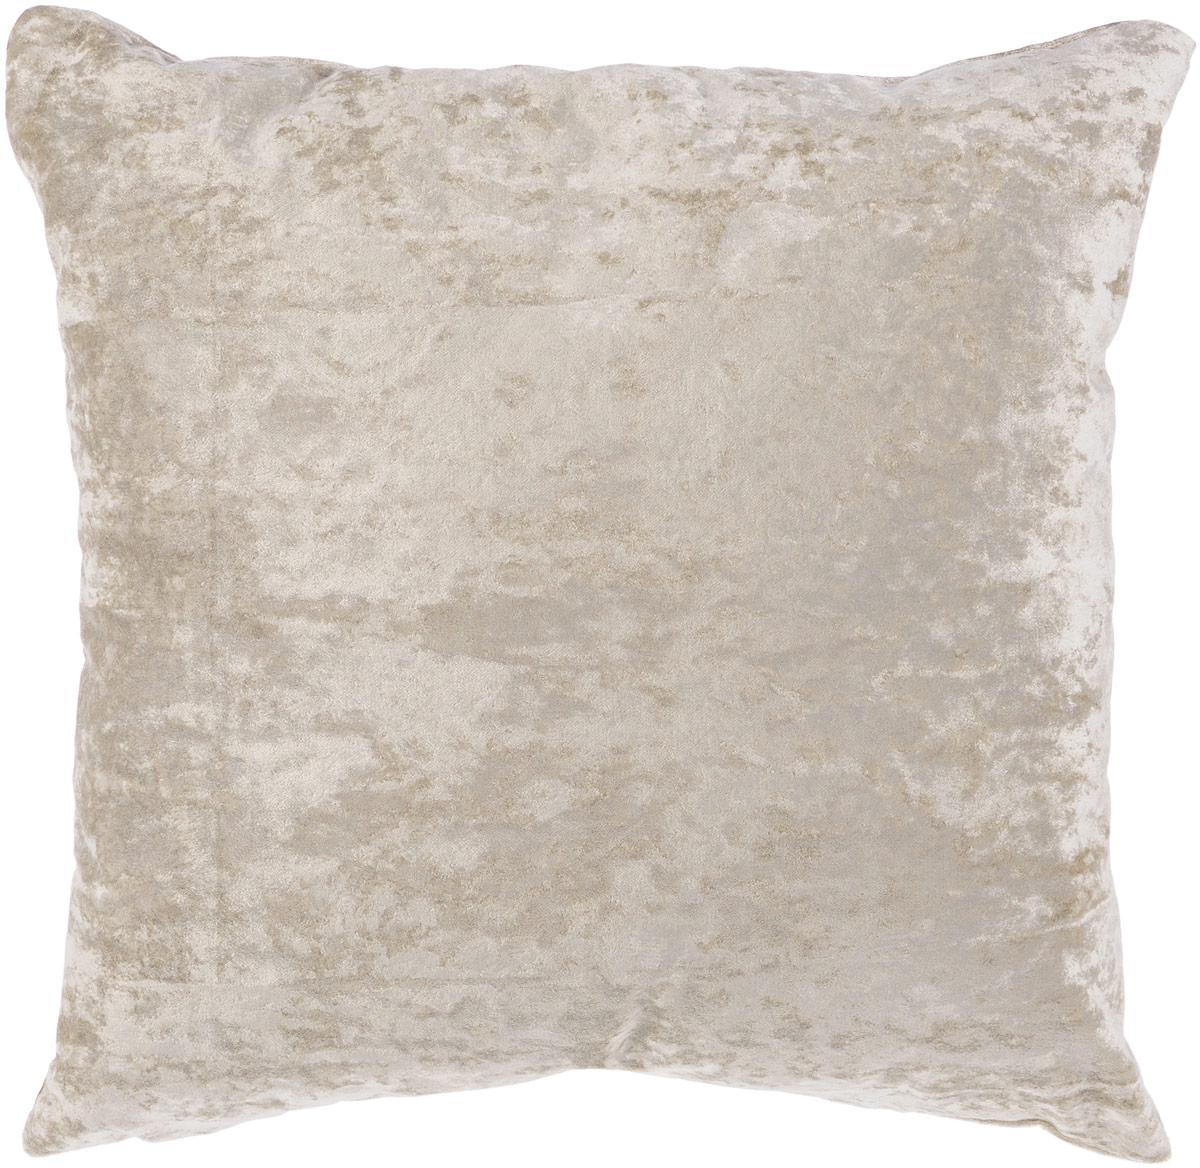 Подушка декоративная KauffOrt Бархат, цвет: серый, 40 x 40 см3121039660Декоративная подушка Бархат прекрасно дополнит интерьер спальни или гостиной. Бархатистый на ощупь чехол подушки выполнен из 49% вискозы, 42% хлопка и 9% полиэстера. Внутри находится мягкий наполнитель. Чехол легко снимается благодаря потайной молнии. Красивая подушка создаст атмосферу уюта и комфорта в спальне и станет прекрасным элементом декора.